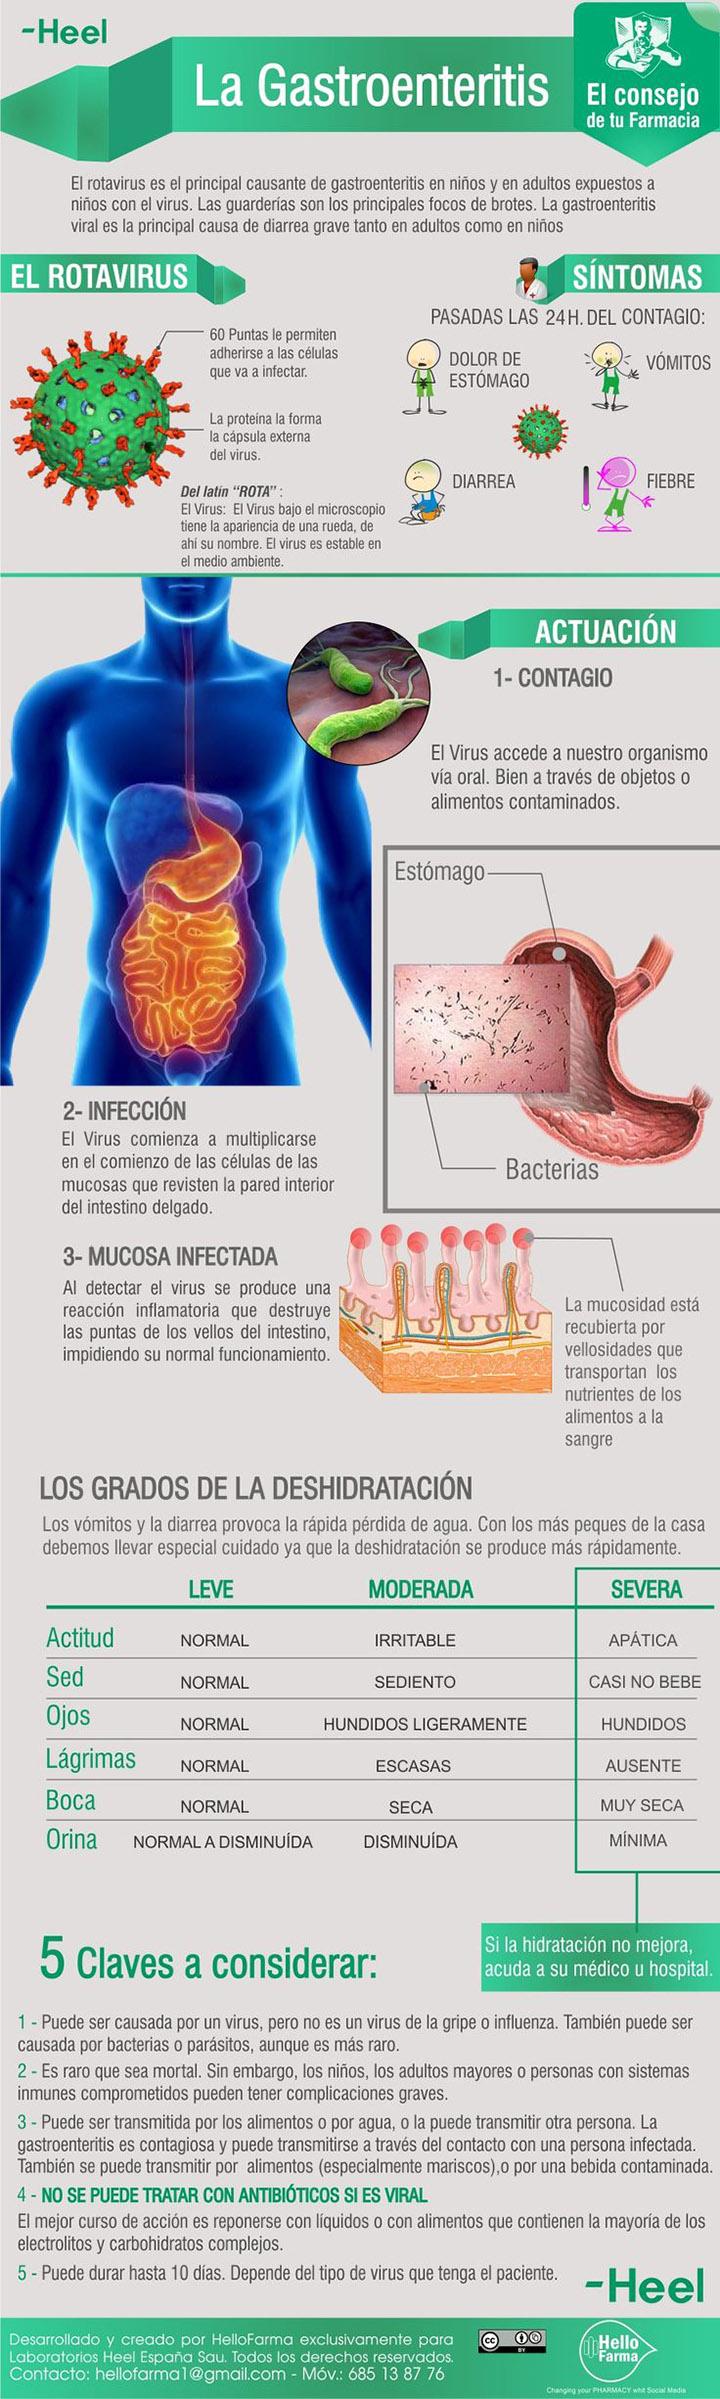 infografía gastroenteritis